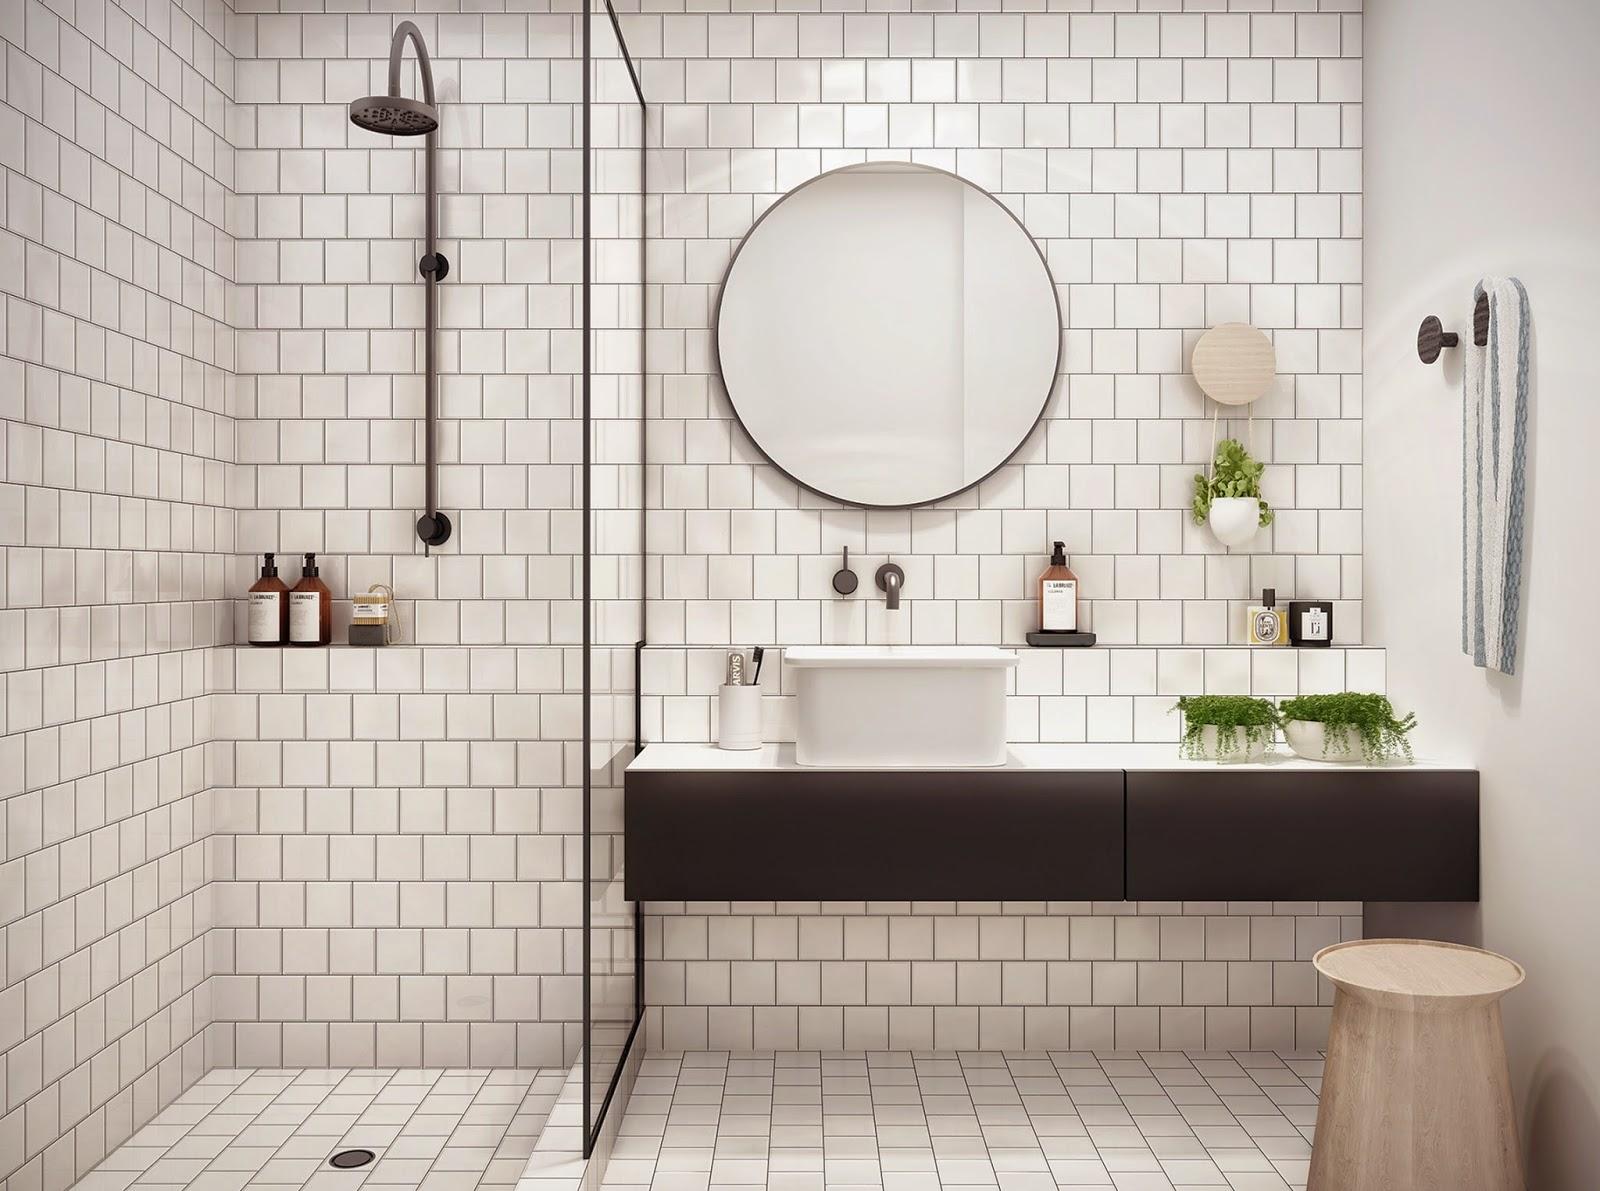 Espace Salle De Bain optimiser une petite salle de bains : 8 astuces indispensables